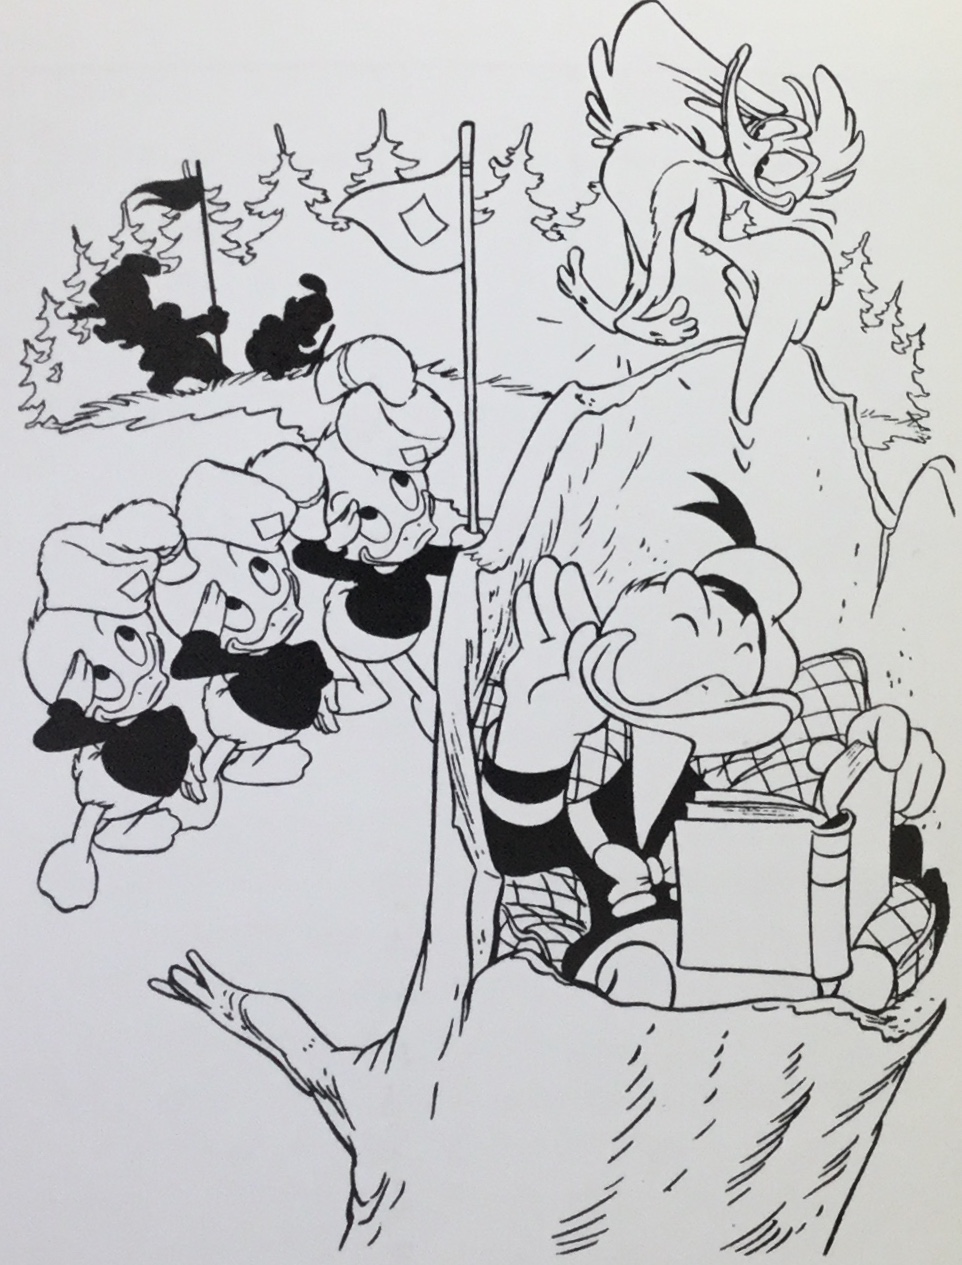 Daan Jippes tecknade i en stil som påminner om Carl Barks